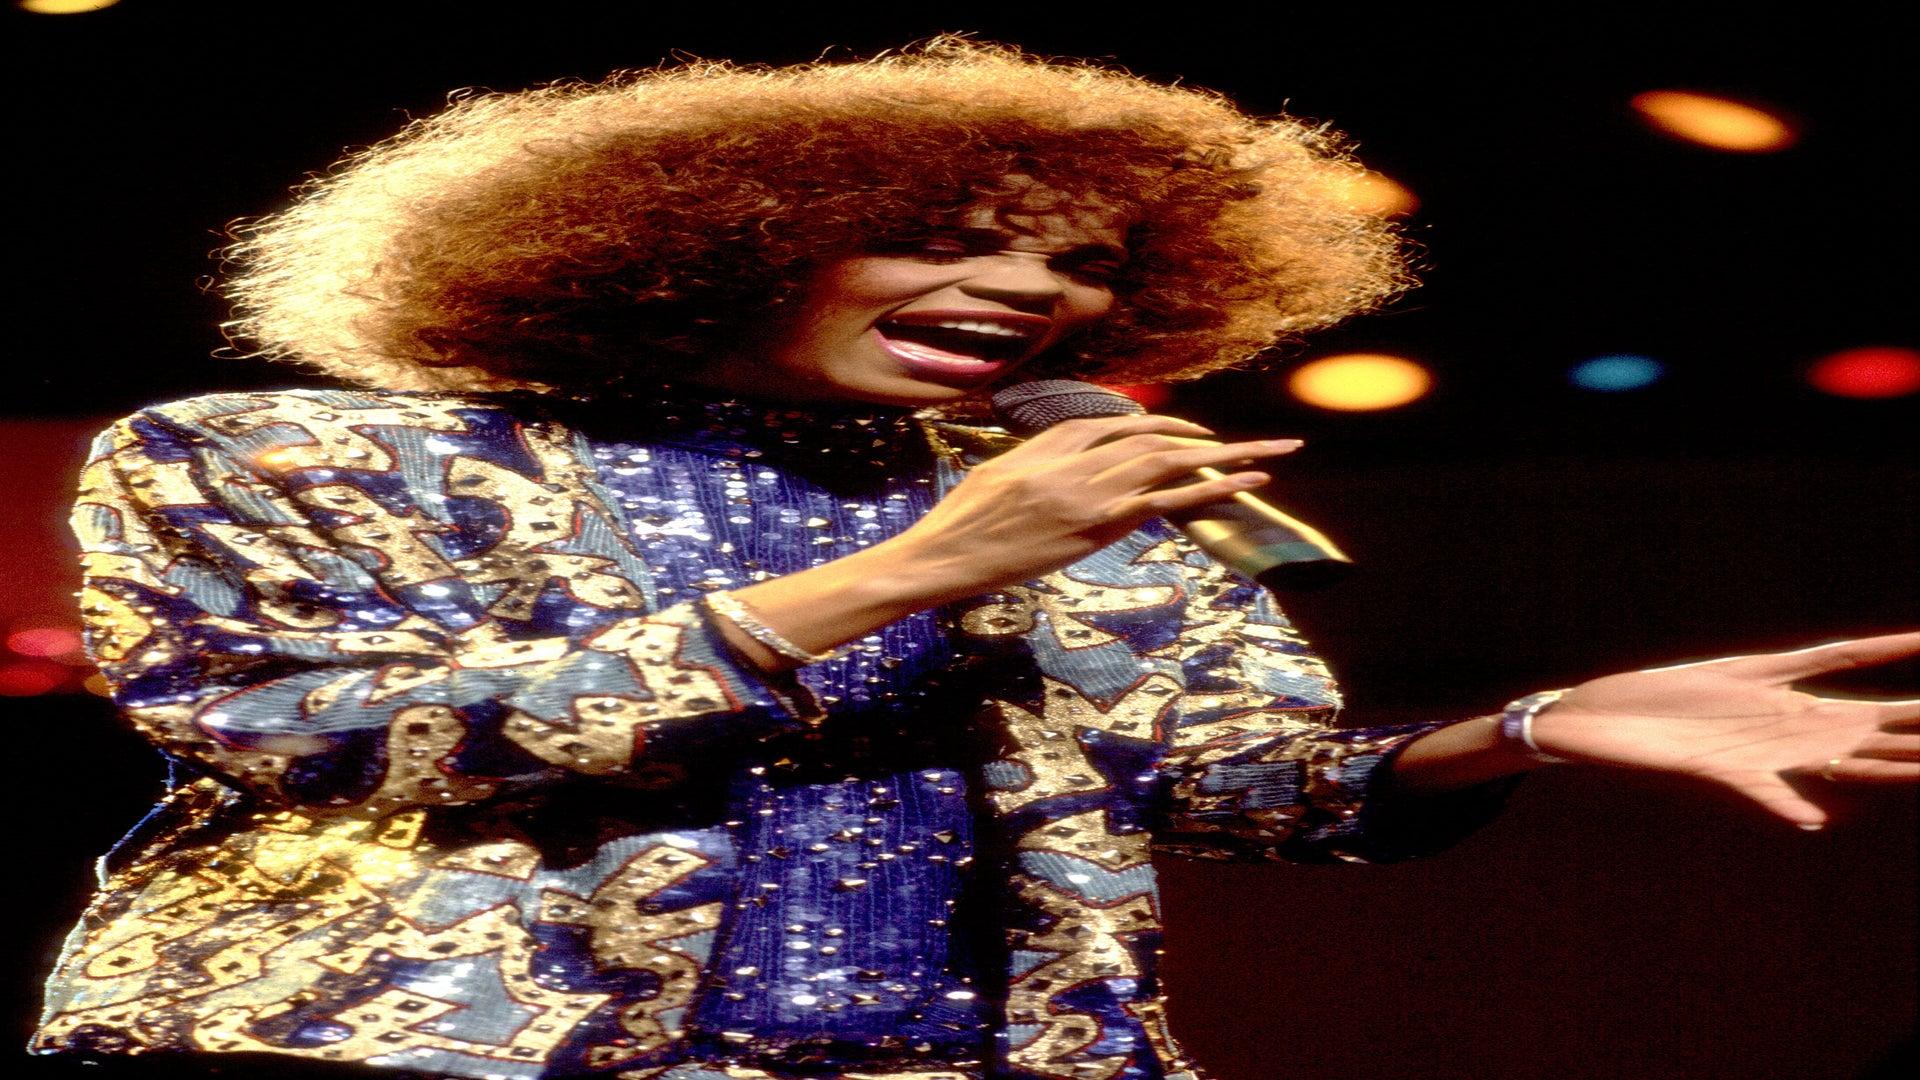 Whitney Houston's Family Speaks In New Miramax Documentary